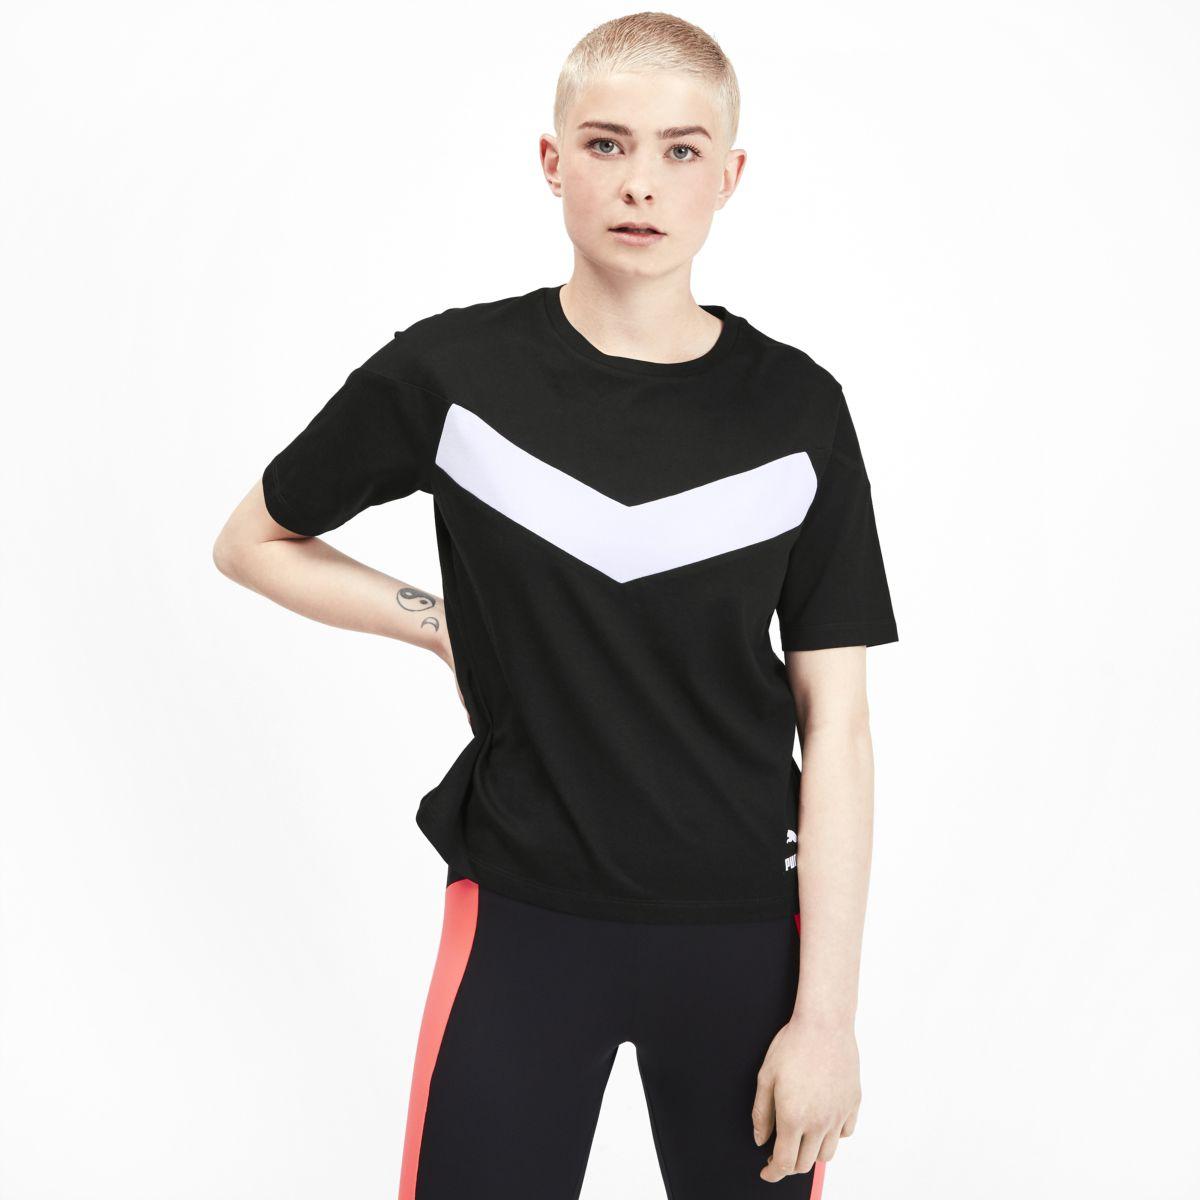 Футболка PUMA XTG Colorblock Tee футболка мужская vans colorblock tee цвет черный va3czdjgp размер s 44